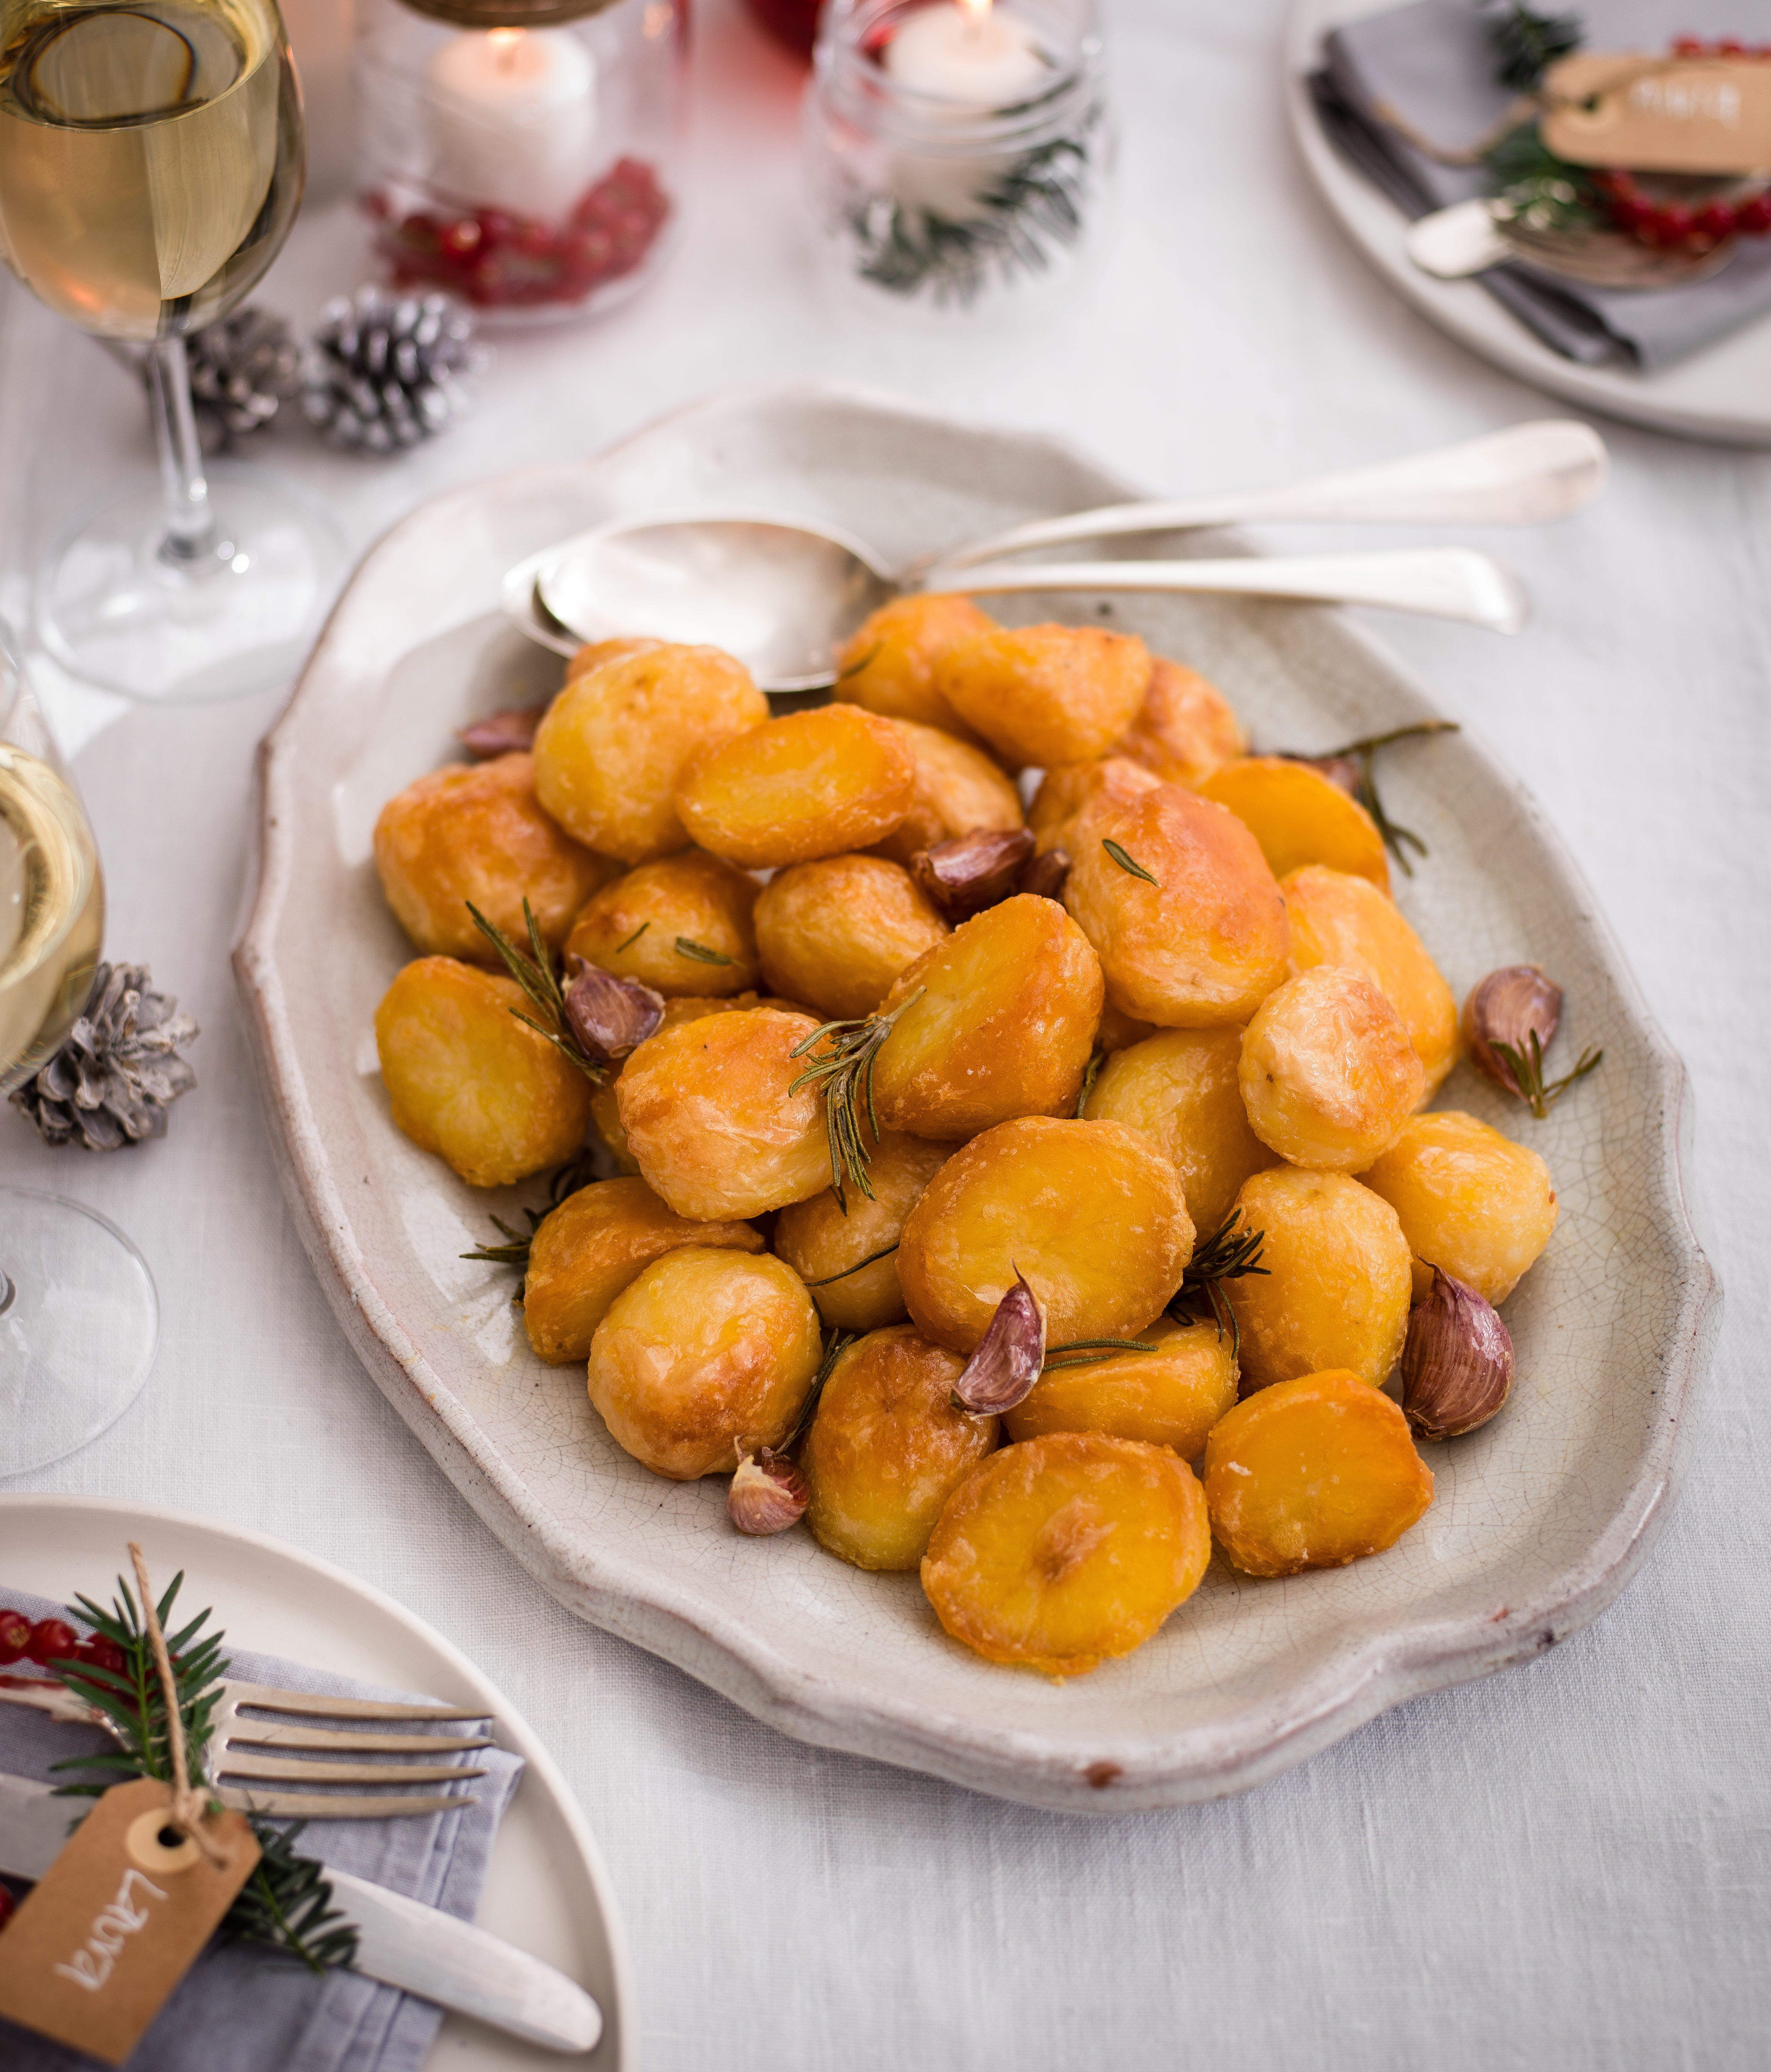 Fripturi de usturoi și rozmarin